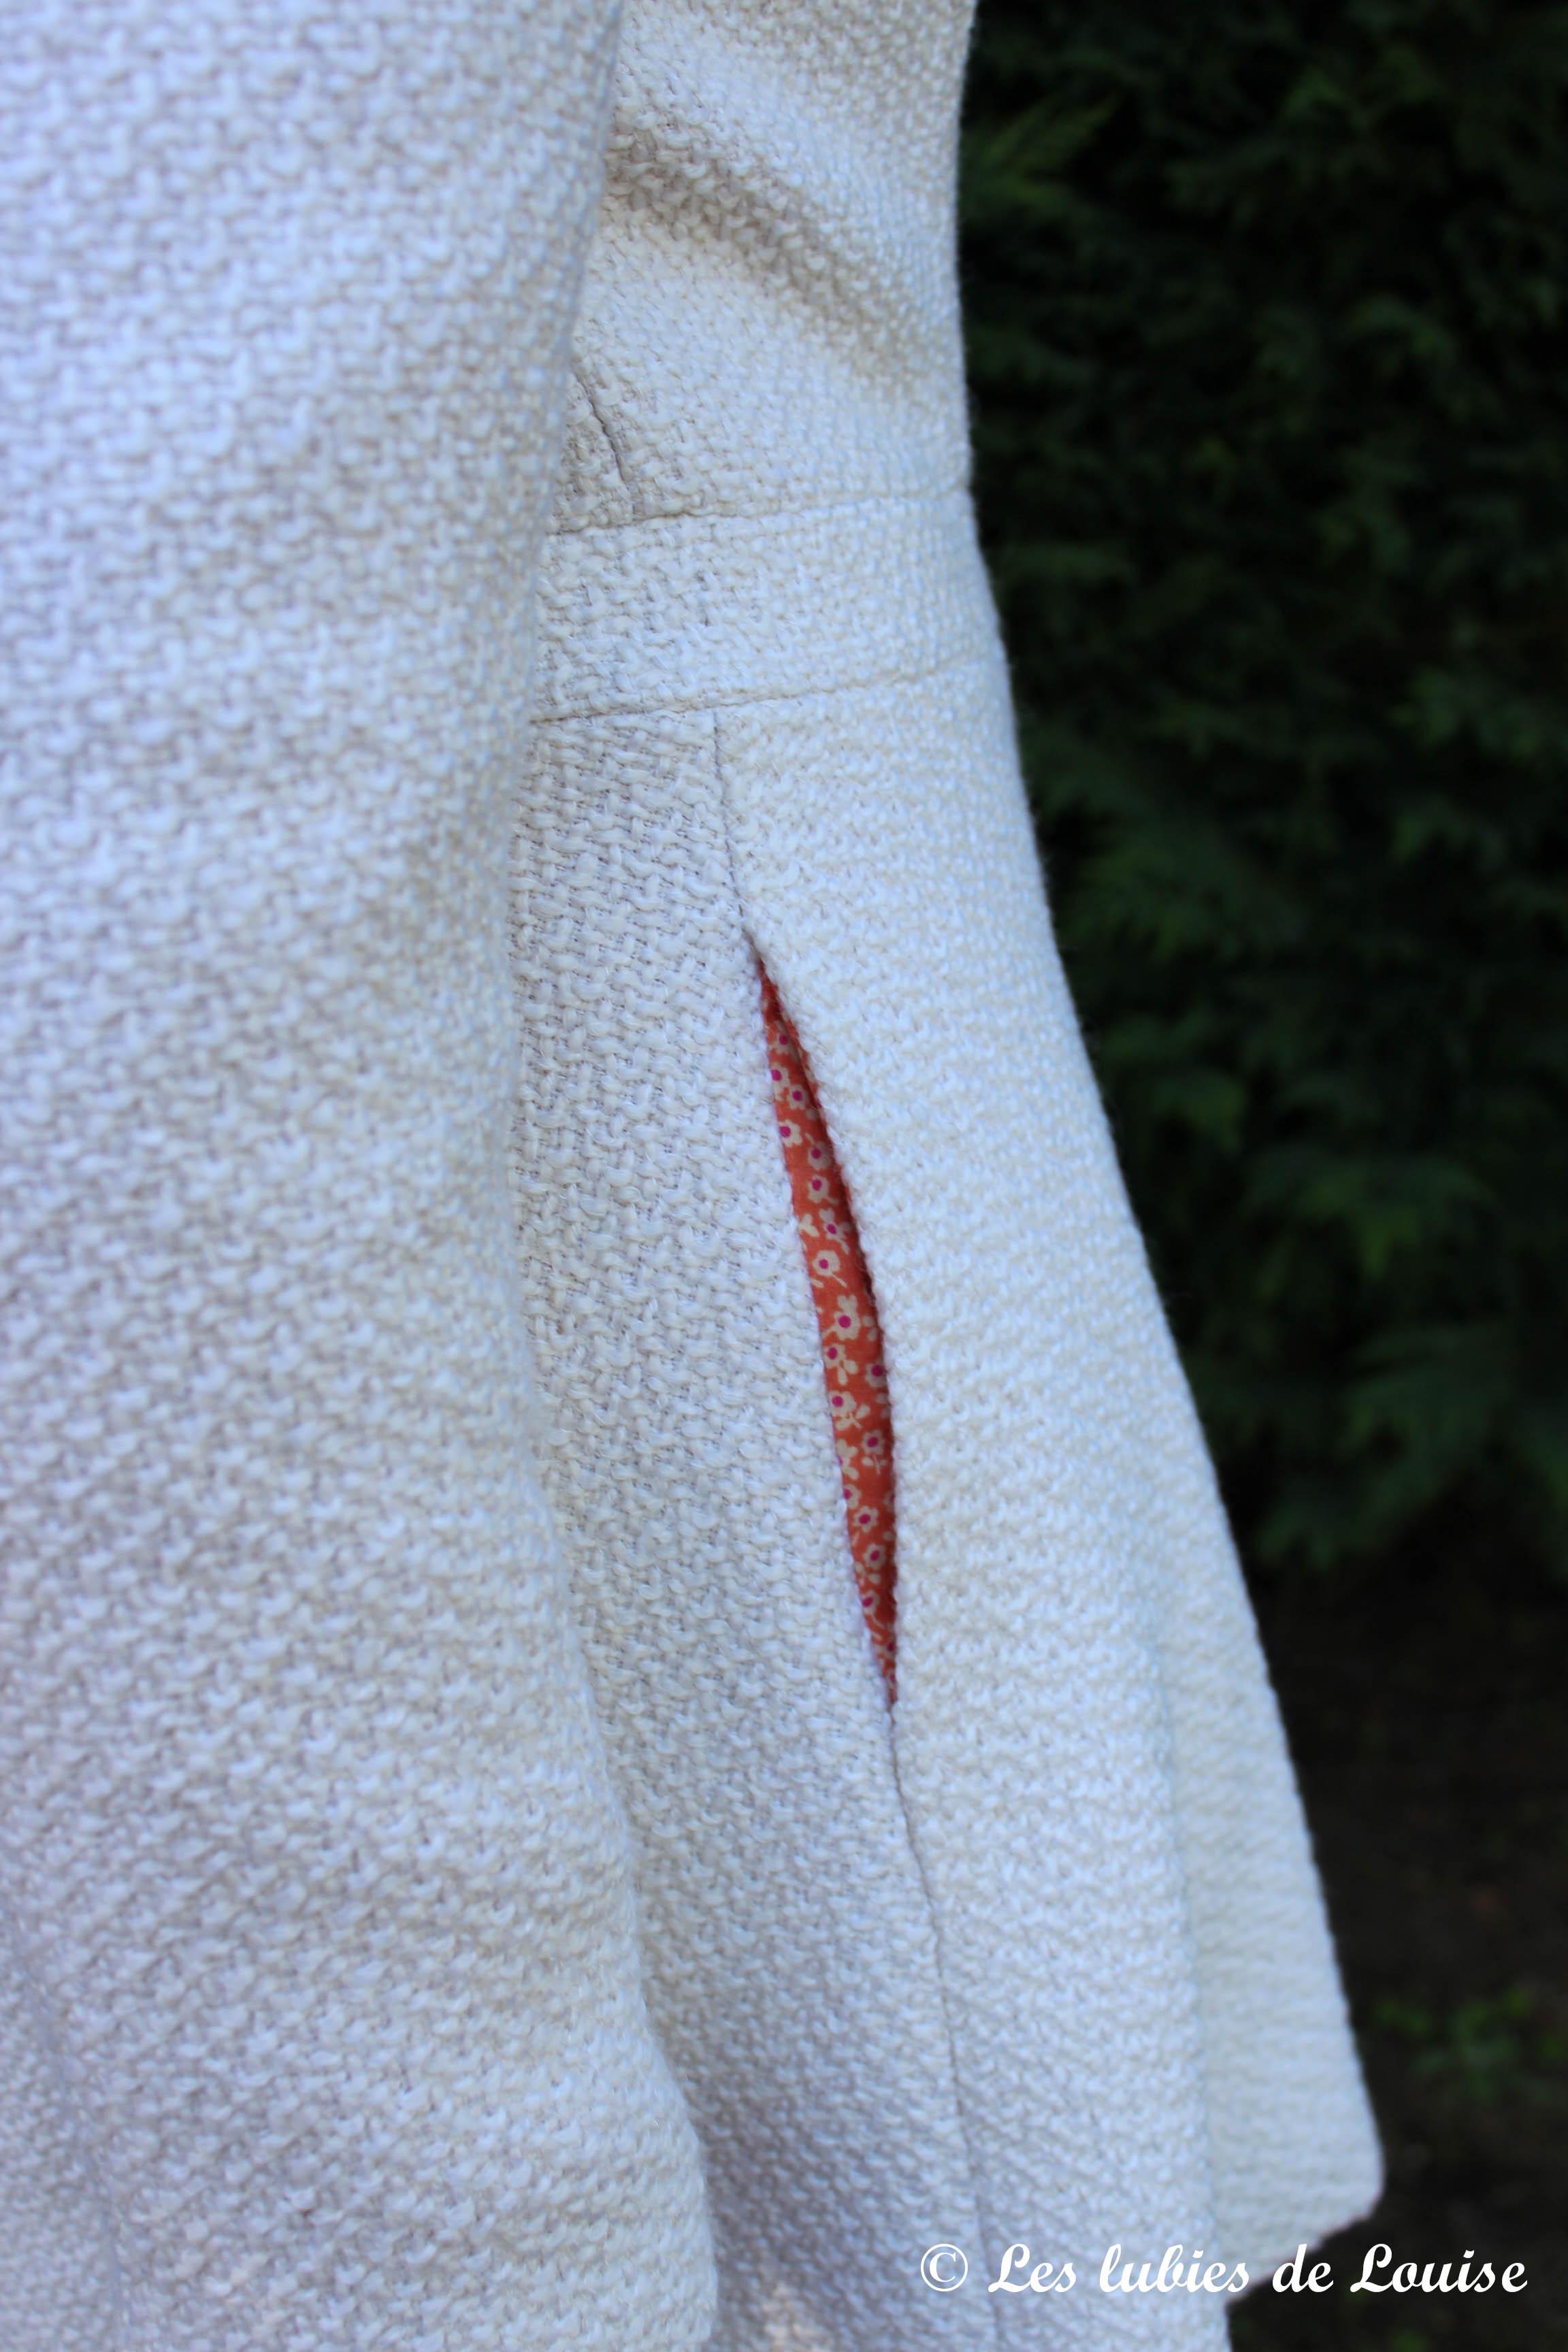 2013-10-21- Veste pavot crème - les lubies de louise (6 sur 15)